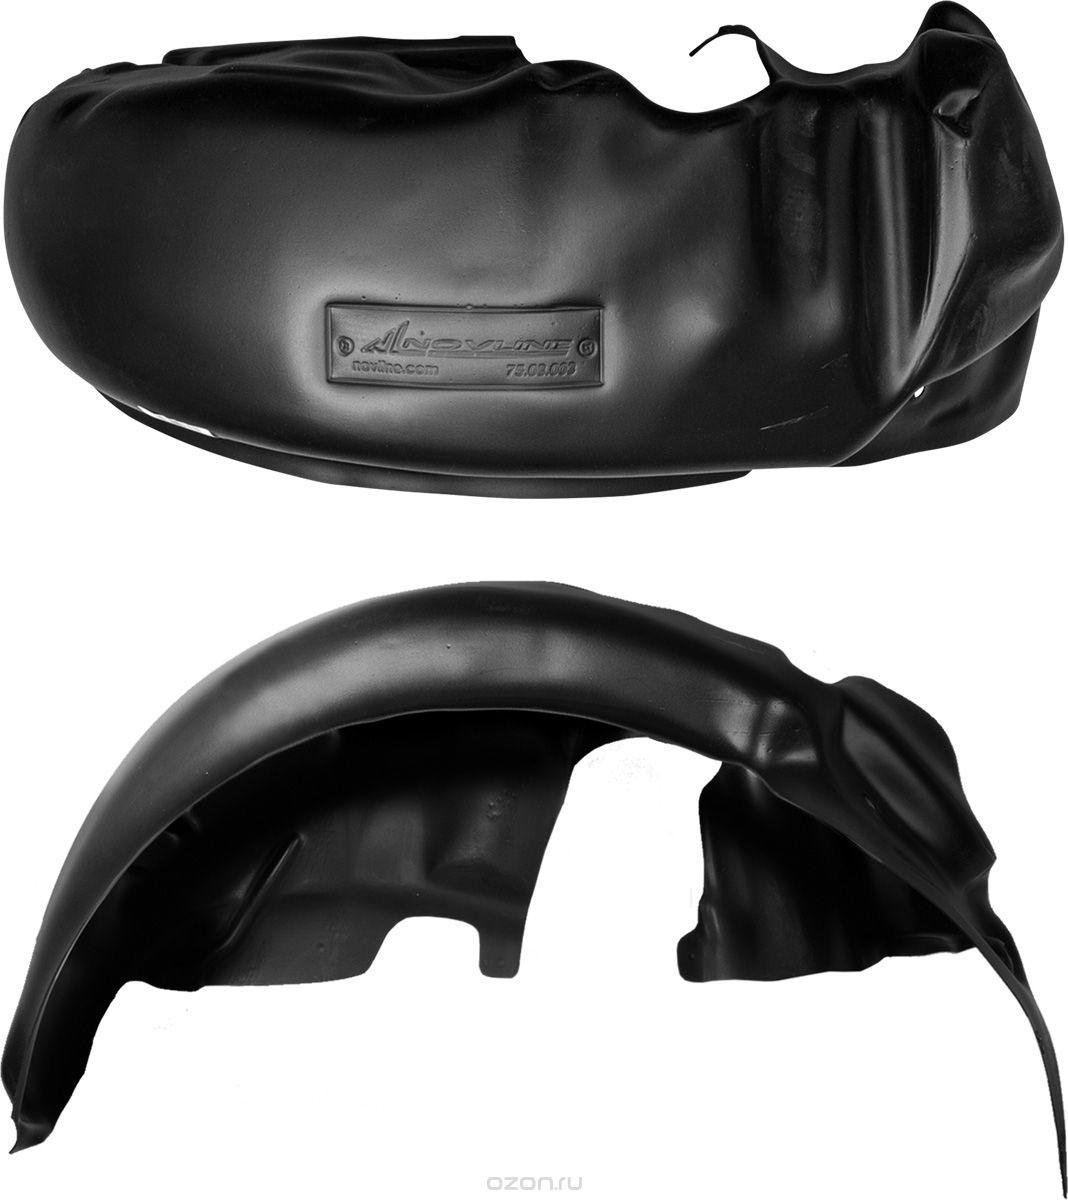 Подкрылок Novline-Autofamily, для Mitsubishi L200, 2014-2015 с расширителями арок, передний левыйNLL.35.28.001Идеальная защита колесной ниши. Локеры разработаны с применением цифровых технологий, гарантируют максимальную повторяемость поверхности арки. Изделия устанавливаются без нарушения лакокрасочного покрытия автомобиля, каждый подкрылок комплектуется крепежом. Уважаемые клиенты, обращаем ваше внимание, что фотографии на подкрылки универсальные и не отражают реальную форму изделия. При этом само изделие идет точно под размер указанного автомобиля.